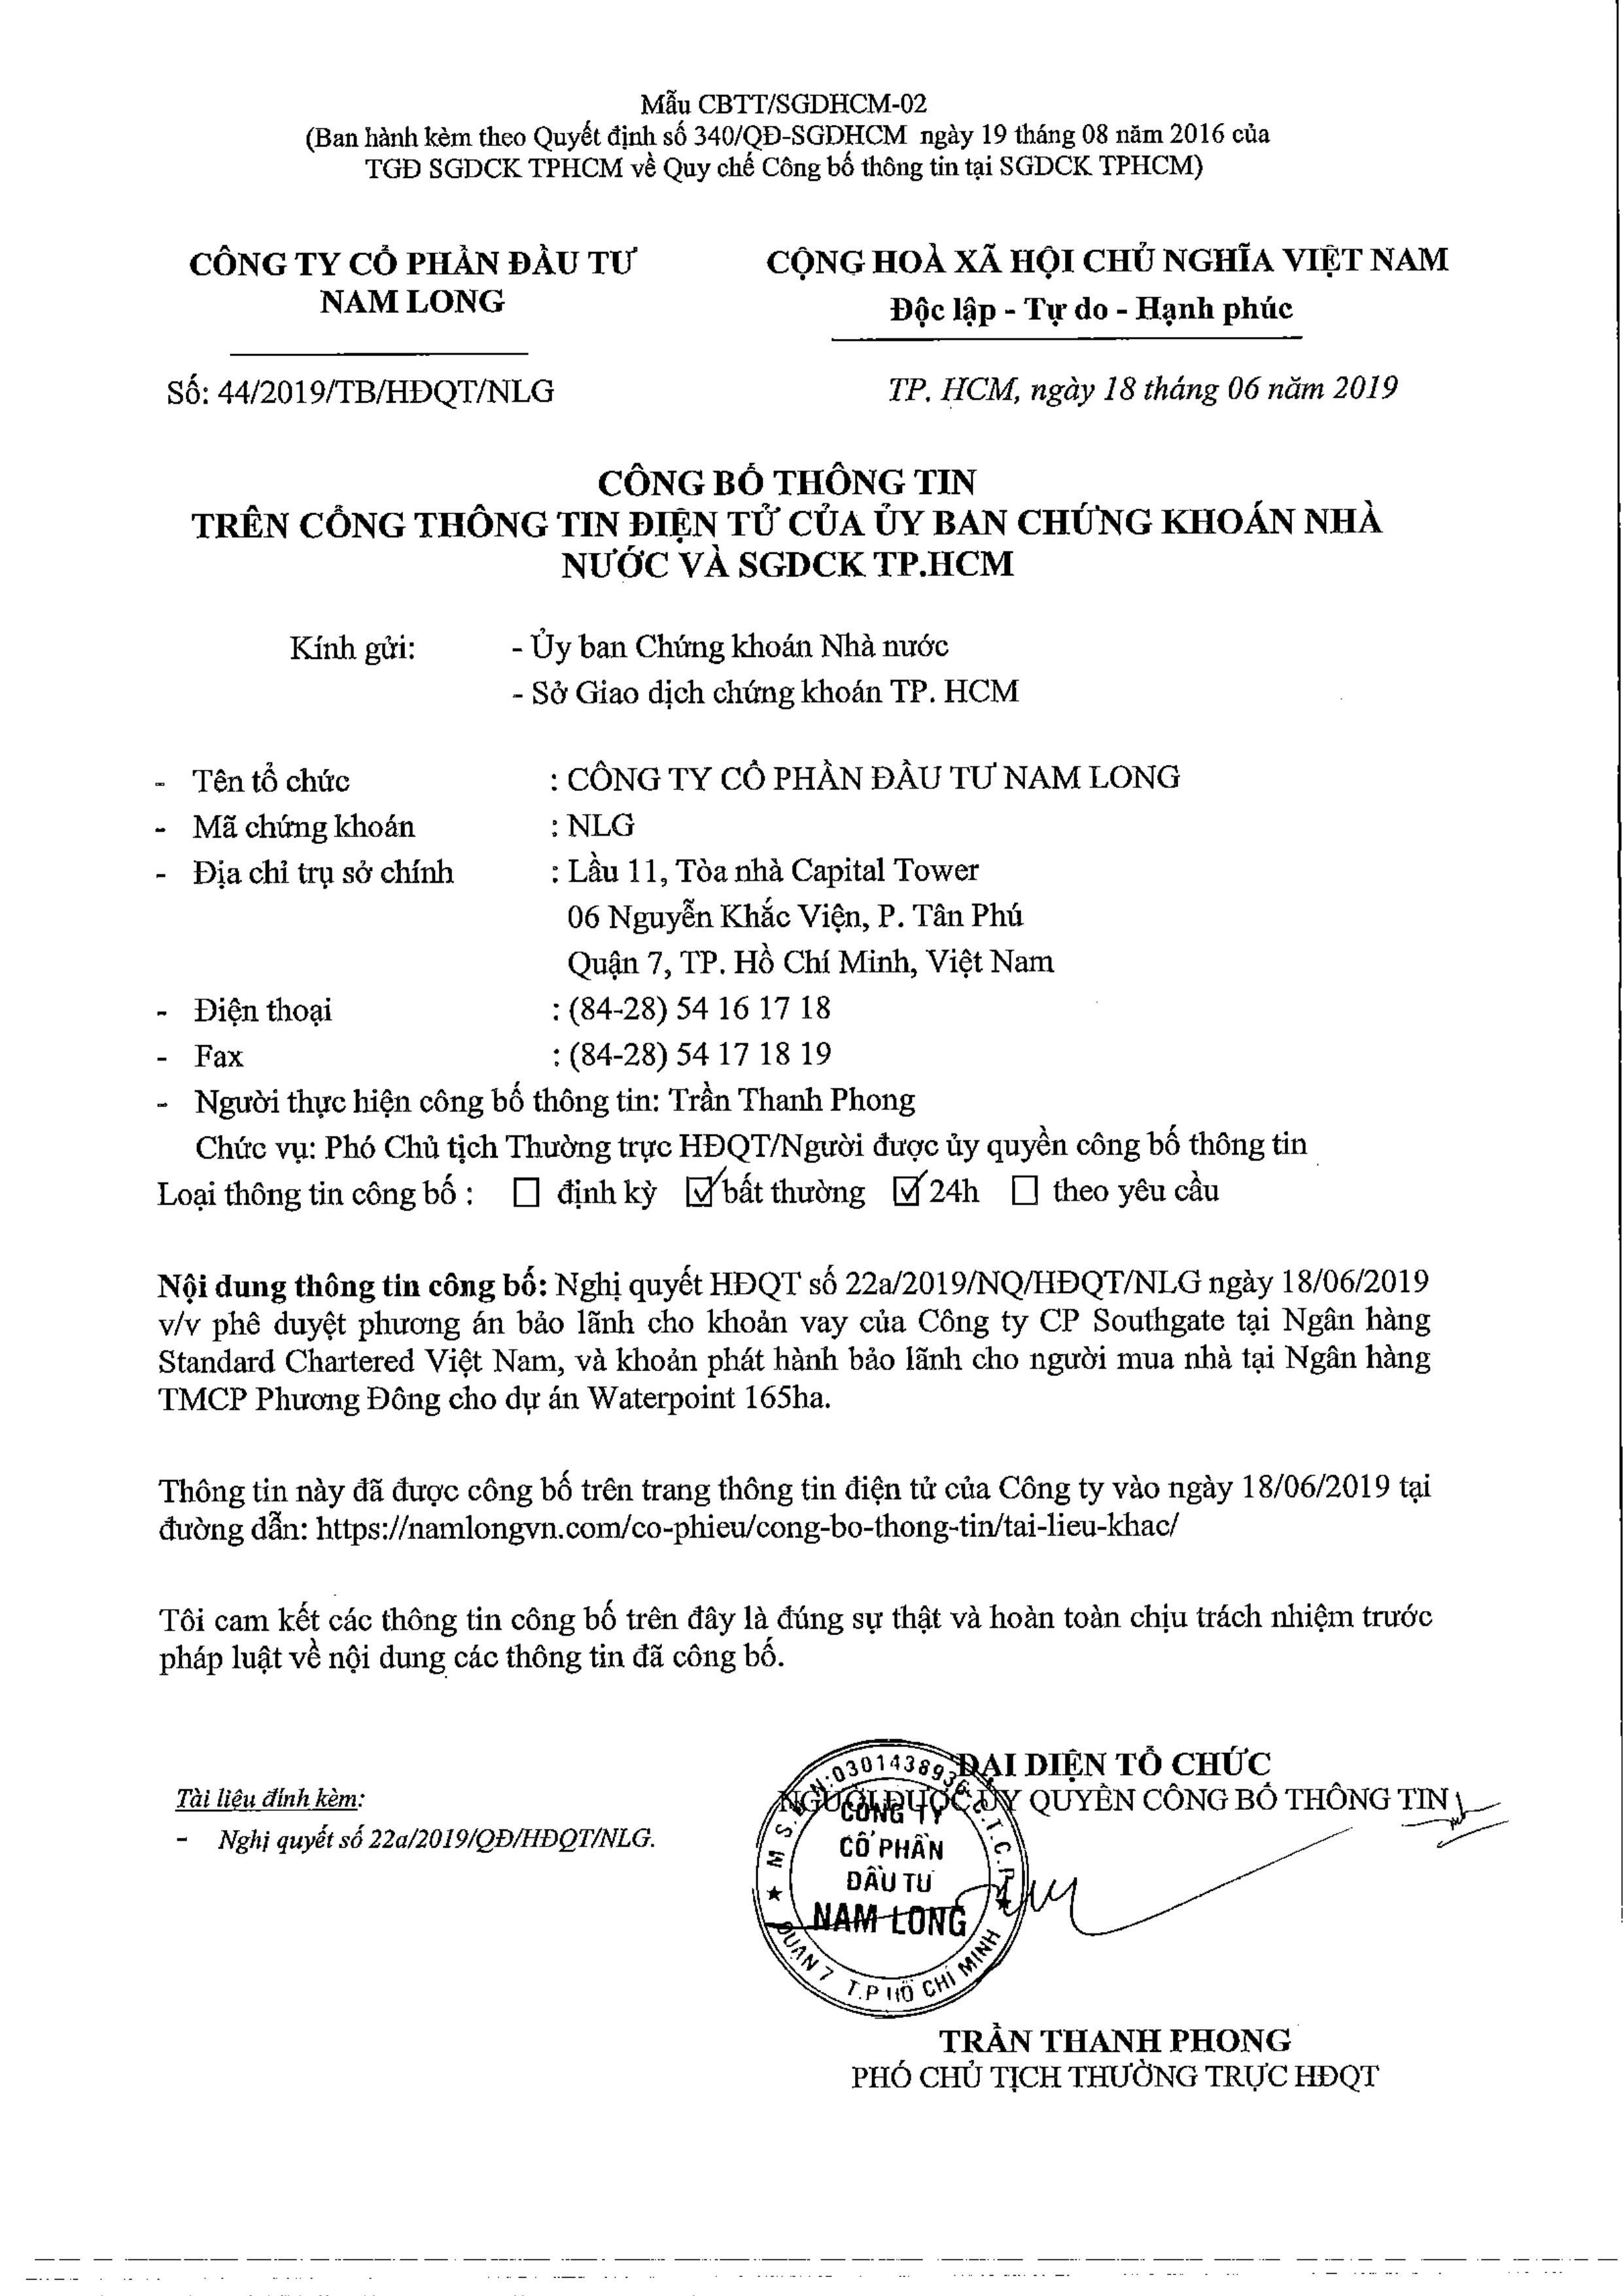 Hội đồng Quản trị CTCP Đầu tư Nam Long (Mã: NLG) vừa phê duyệt phương án bảo lãnh cho khoản vay của CTCP Southgate tại Ngân hàng Standard Chartered Việt Nam cho dự án Waterpoint 165ha với hạn mức 1.315 tỉ đồng.